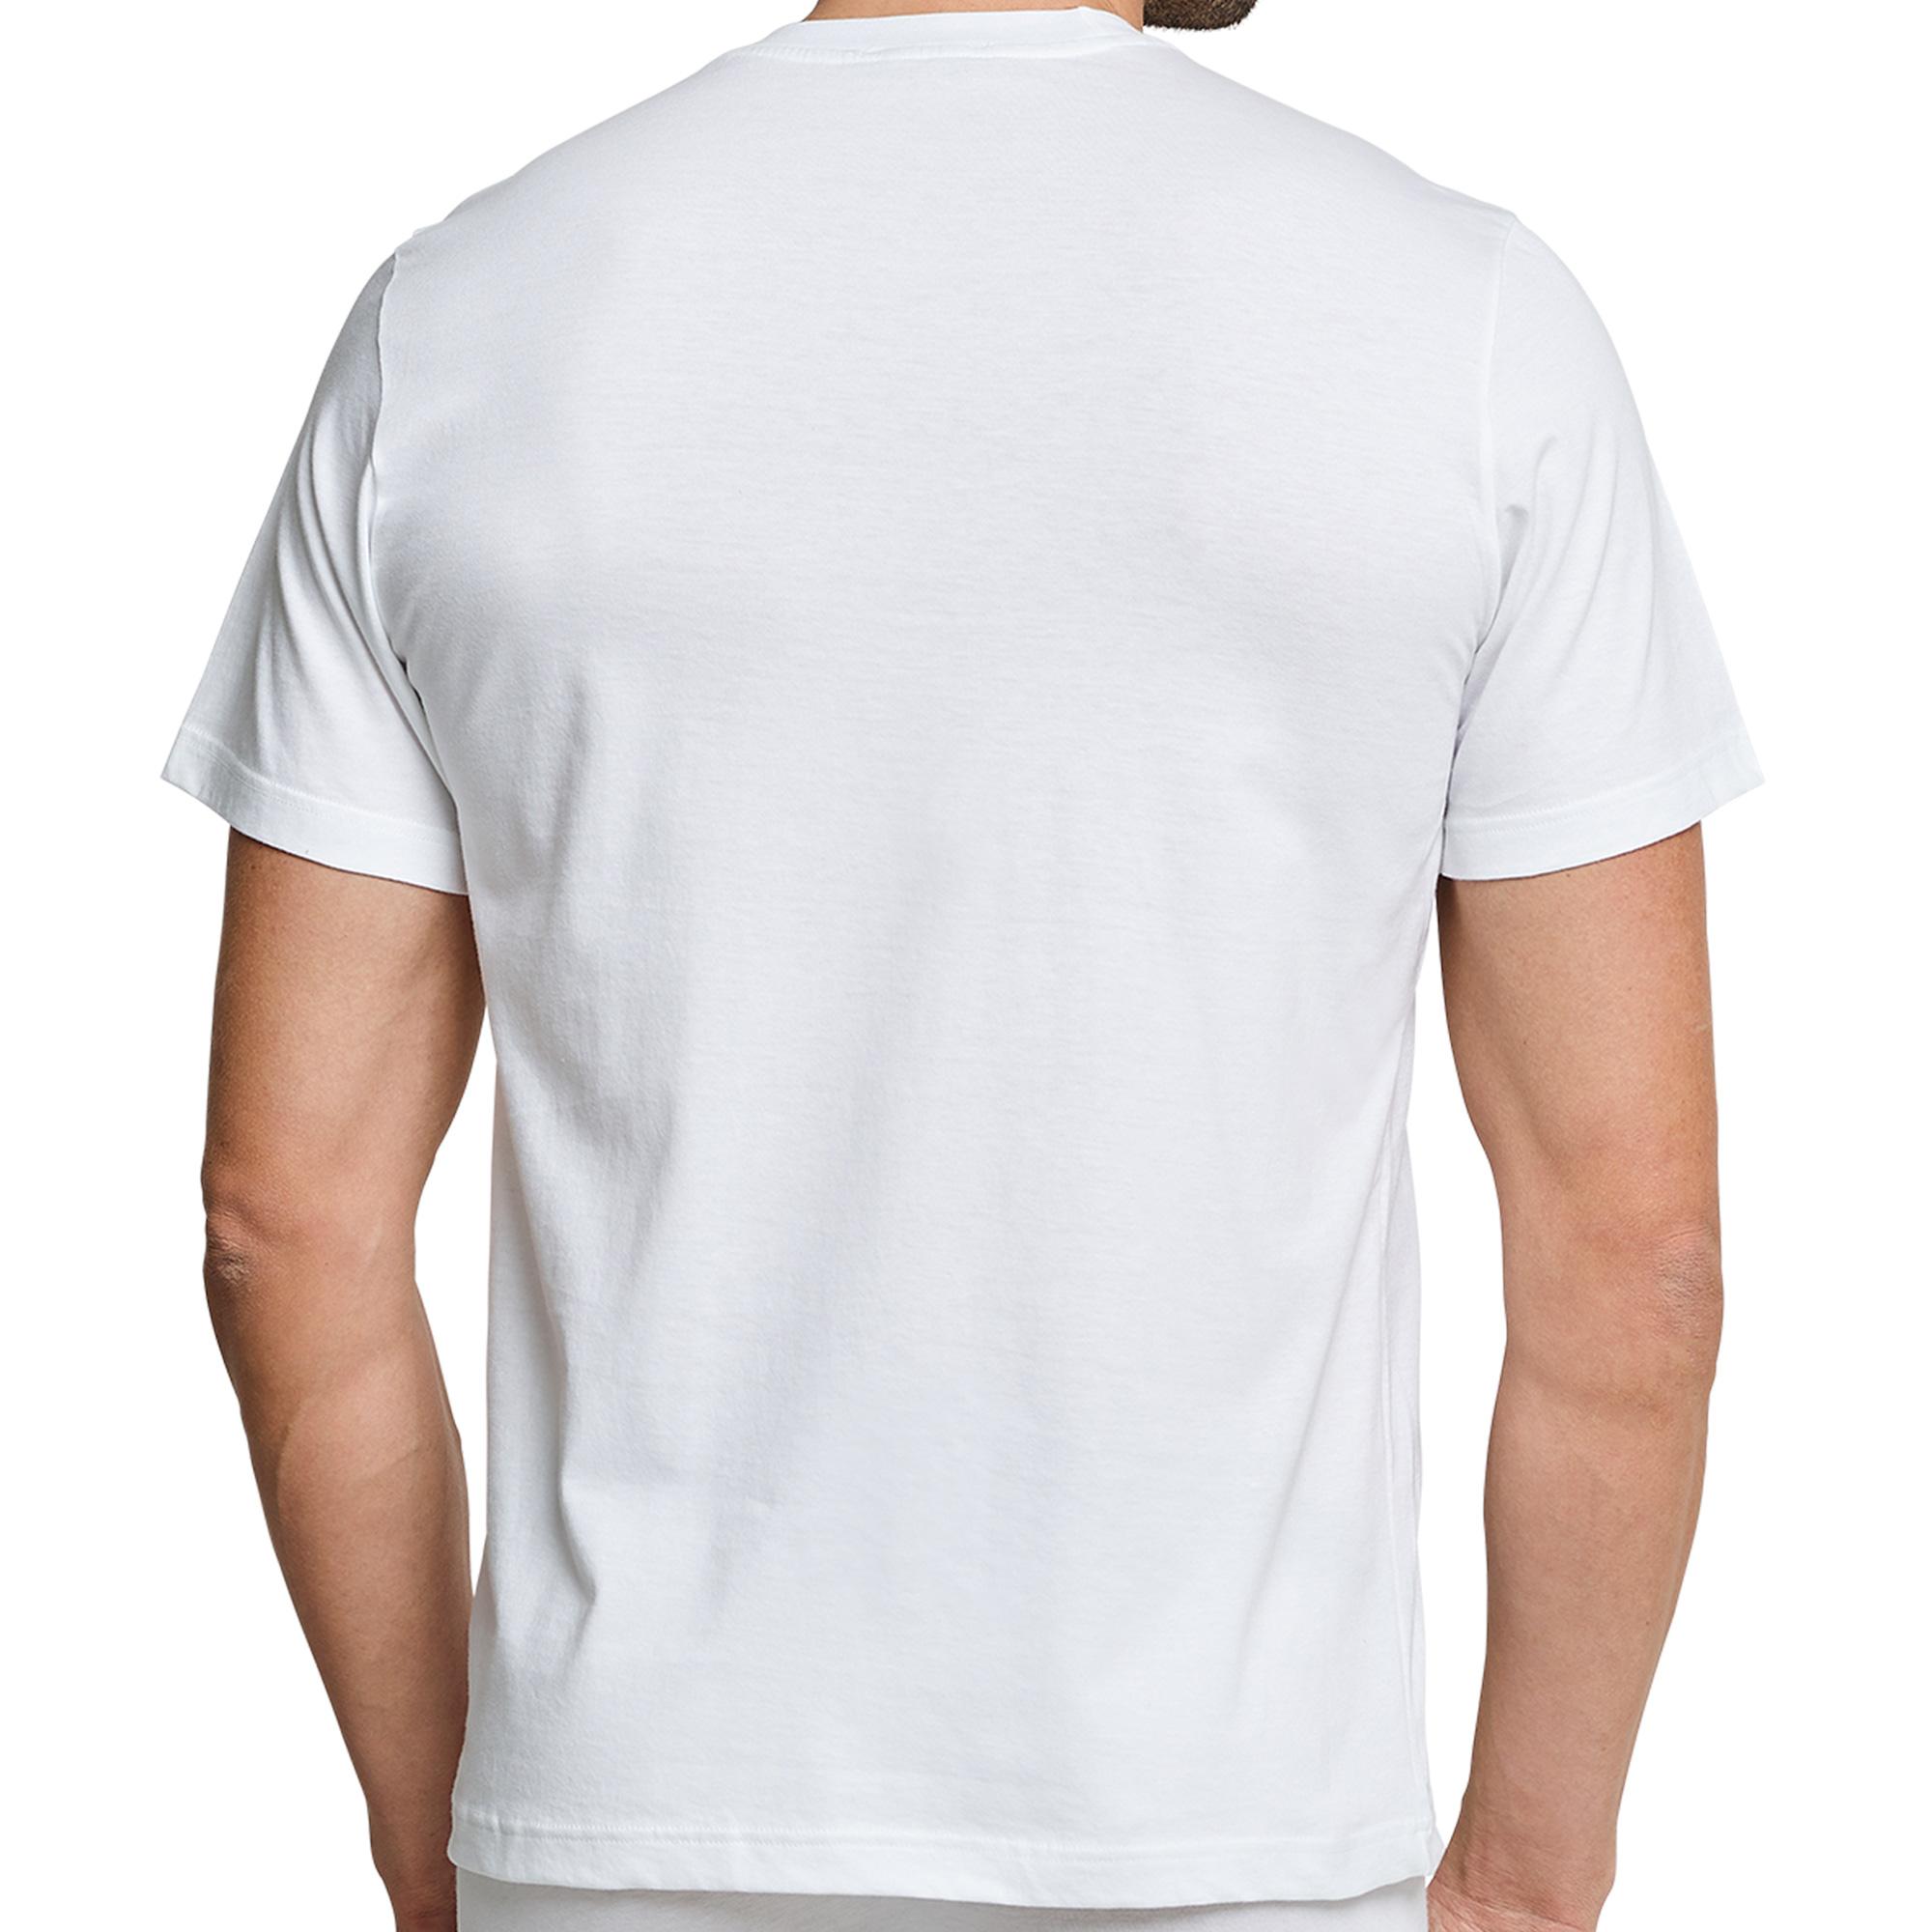 2er Pack Schiesser Herren American T- Shirt mit Rundhals – Bild 4